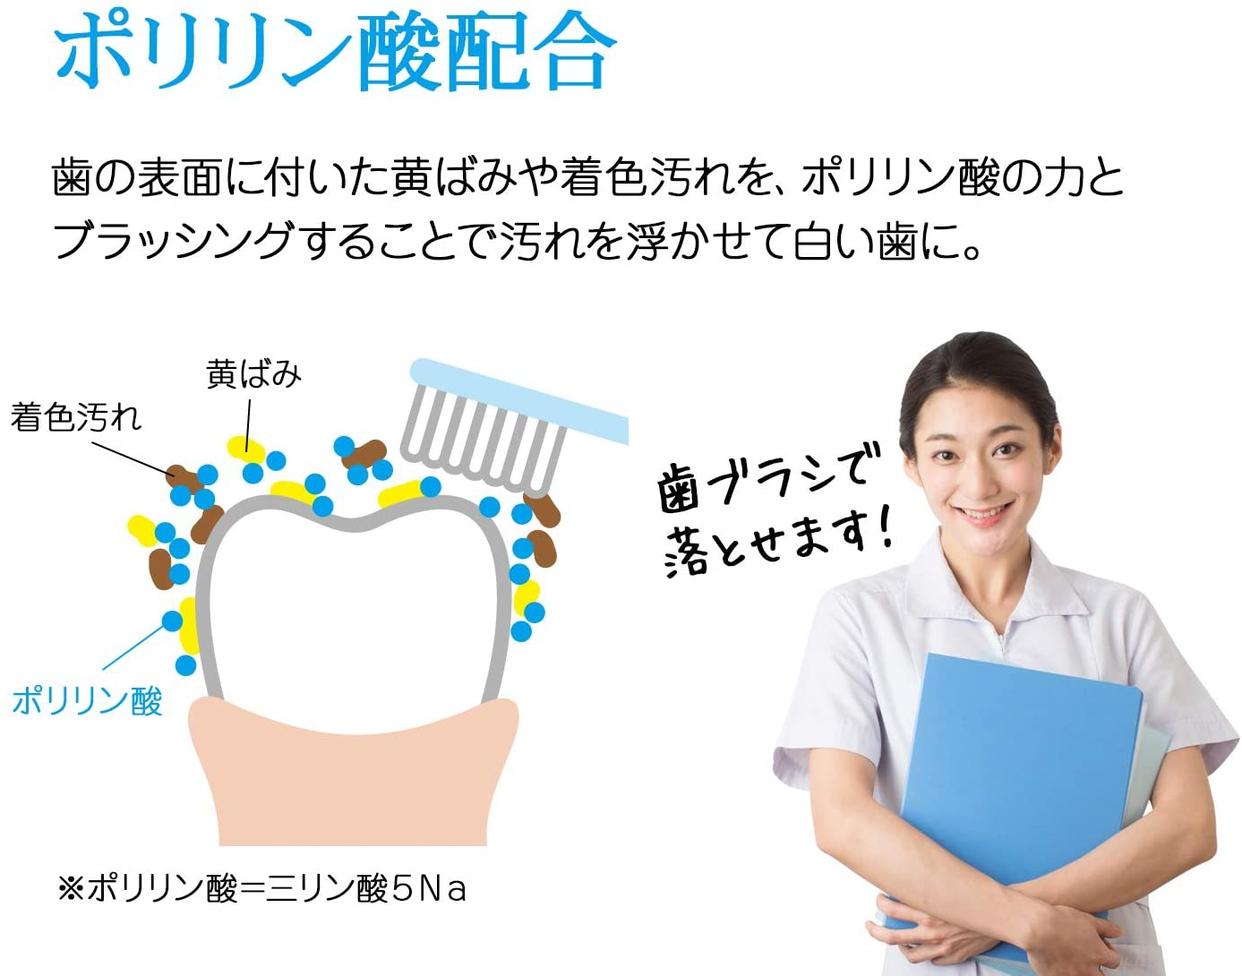 Buhna(ビューナ) トゥースマニキュア ピュアホワイトの商品画像6